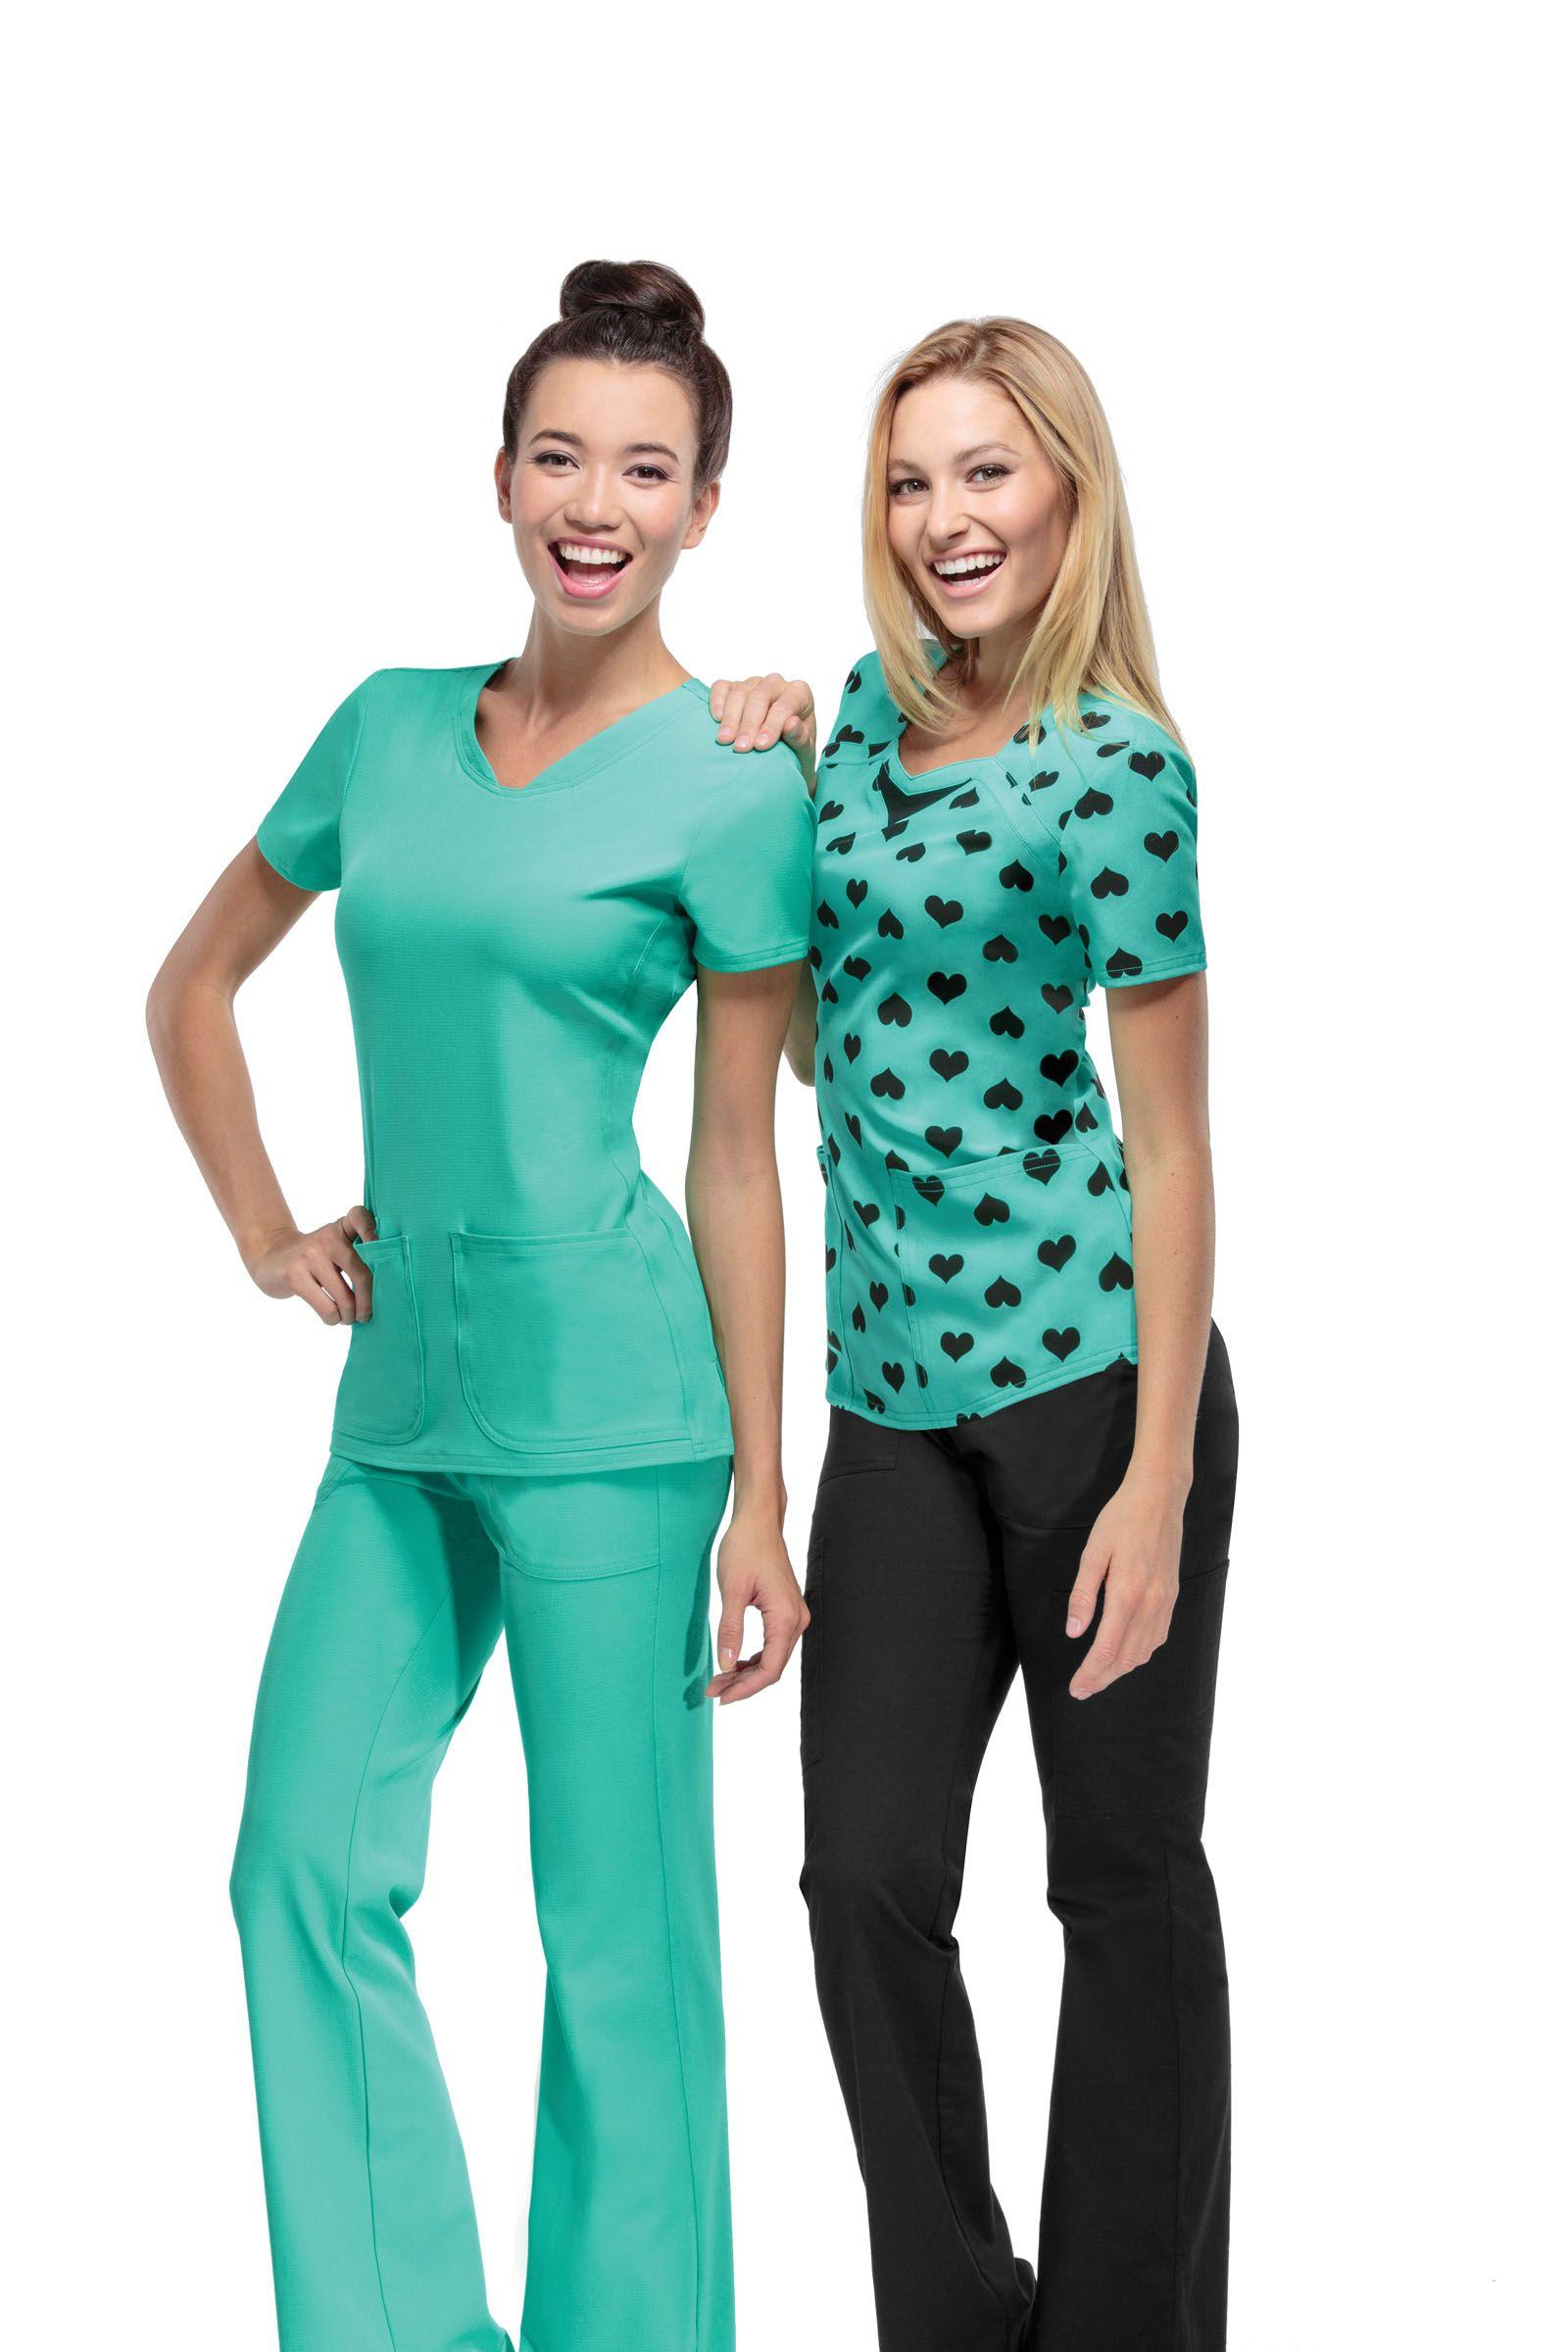 f12a2f9d697 Gloria's Uniforms in Santa Clarita, CA   Ohhh my love!!   Scrubs ...